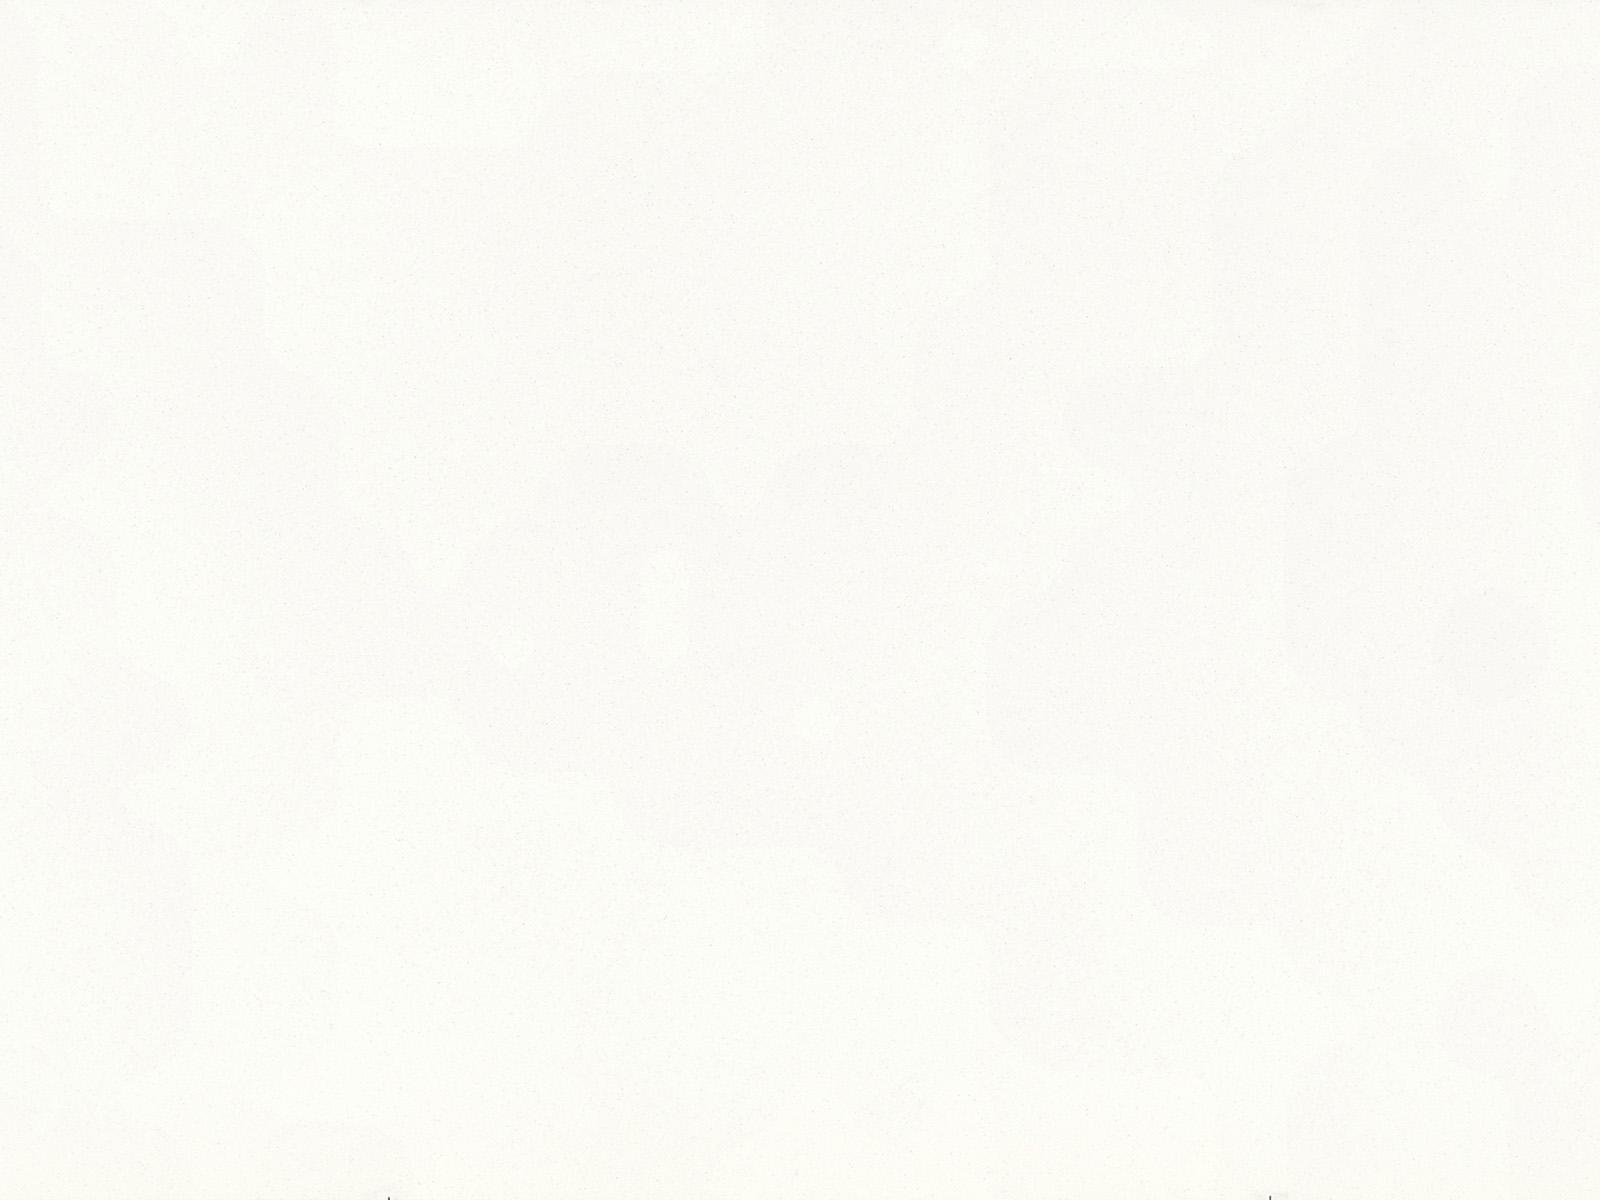 View of Maestro Quartz - Maestro Quartz White Glitter 3cm